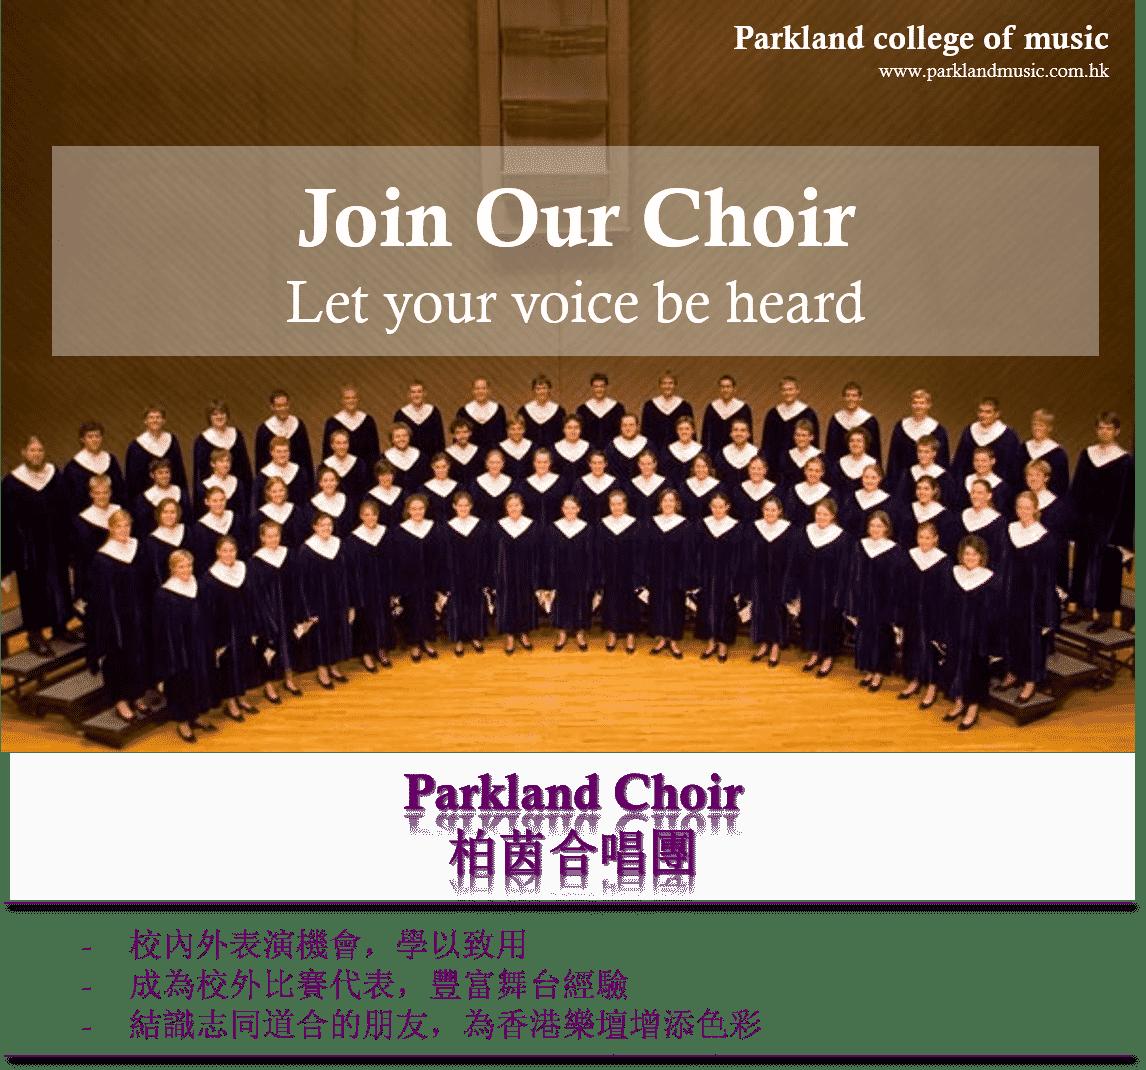 parkland_choir1